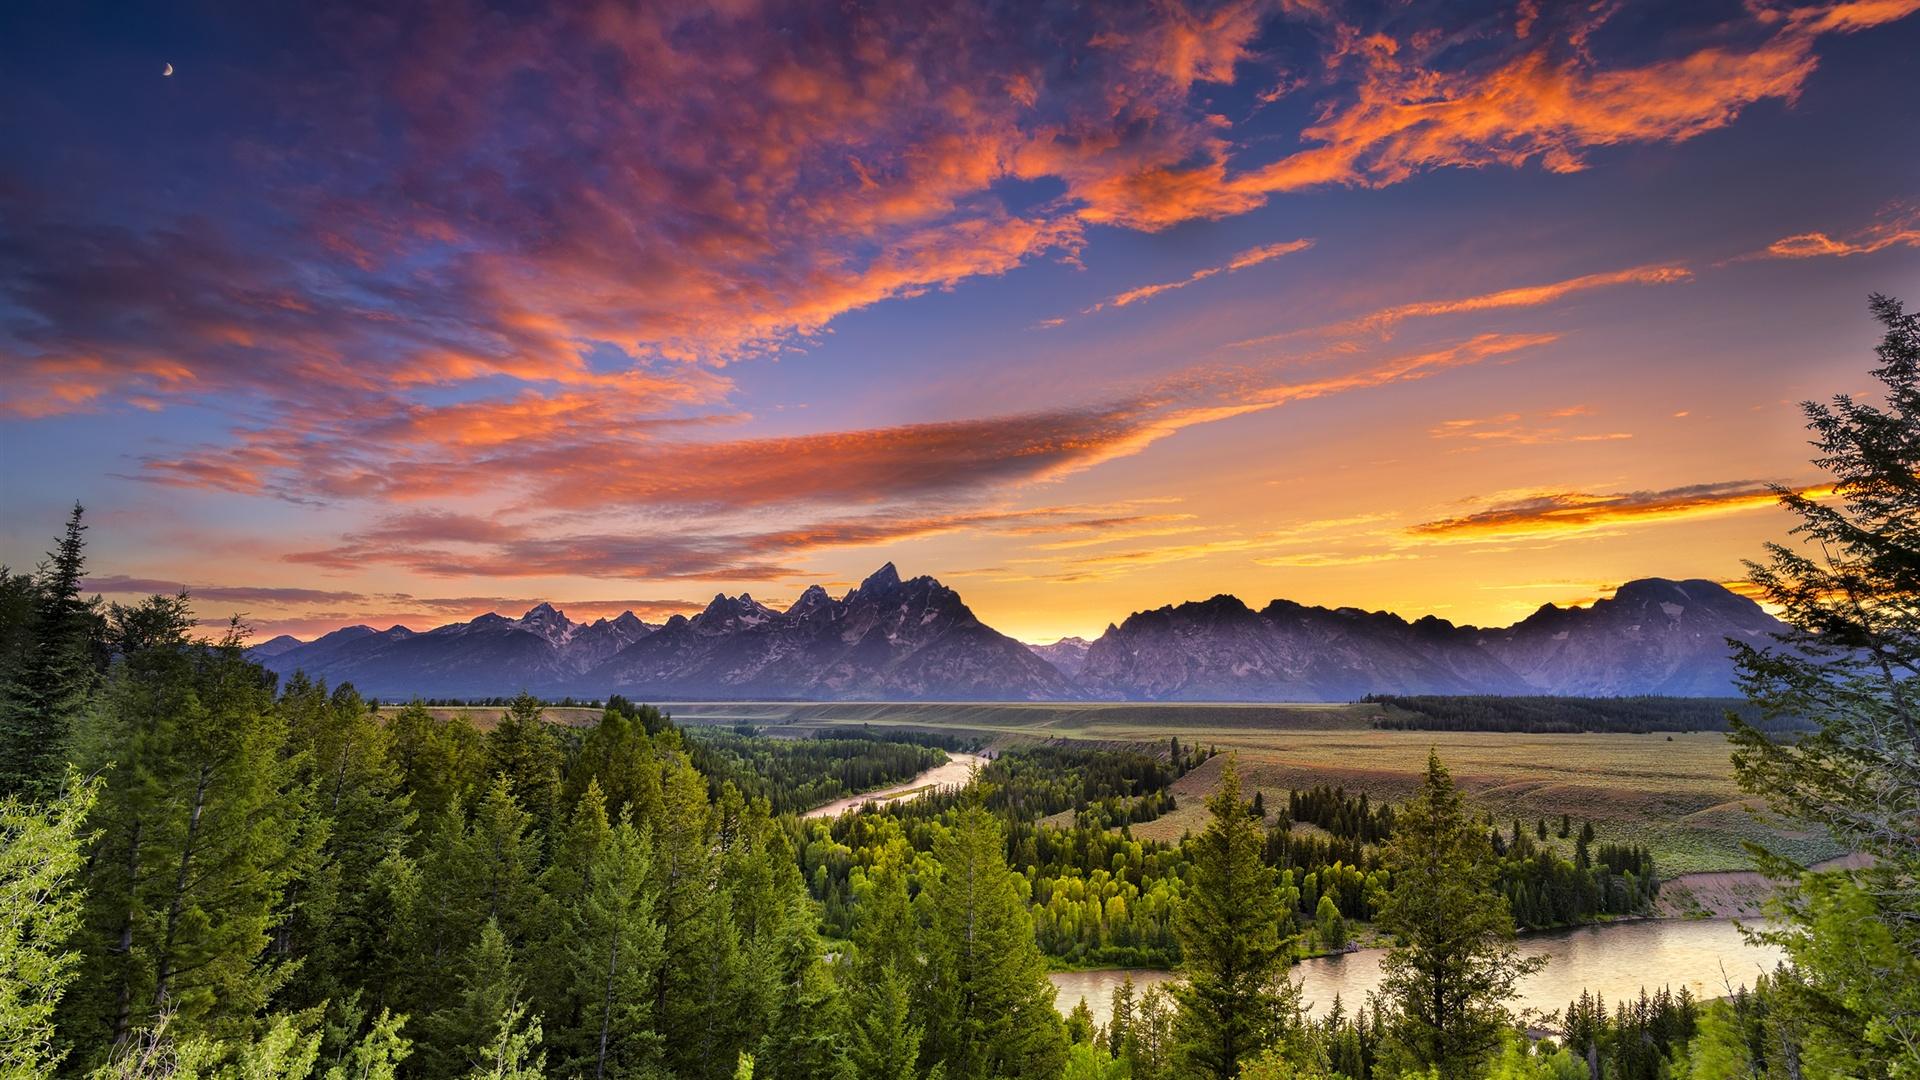 California Wallpaper Iphone 7 Wallpaper Grand Teton National Park Wyoming River